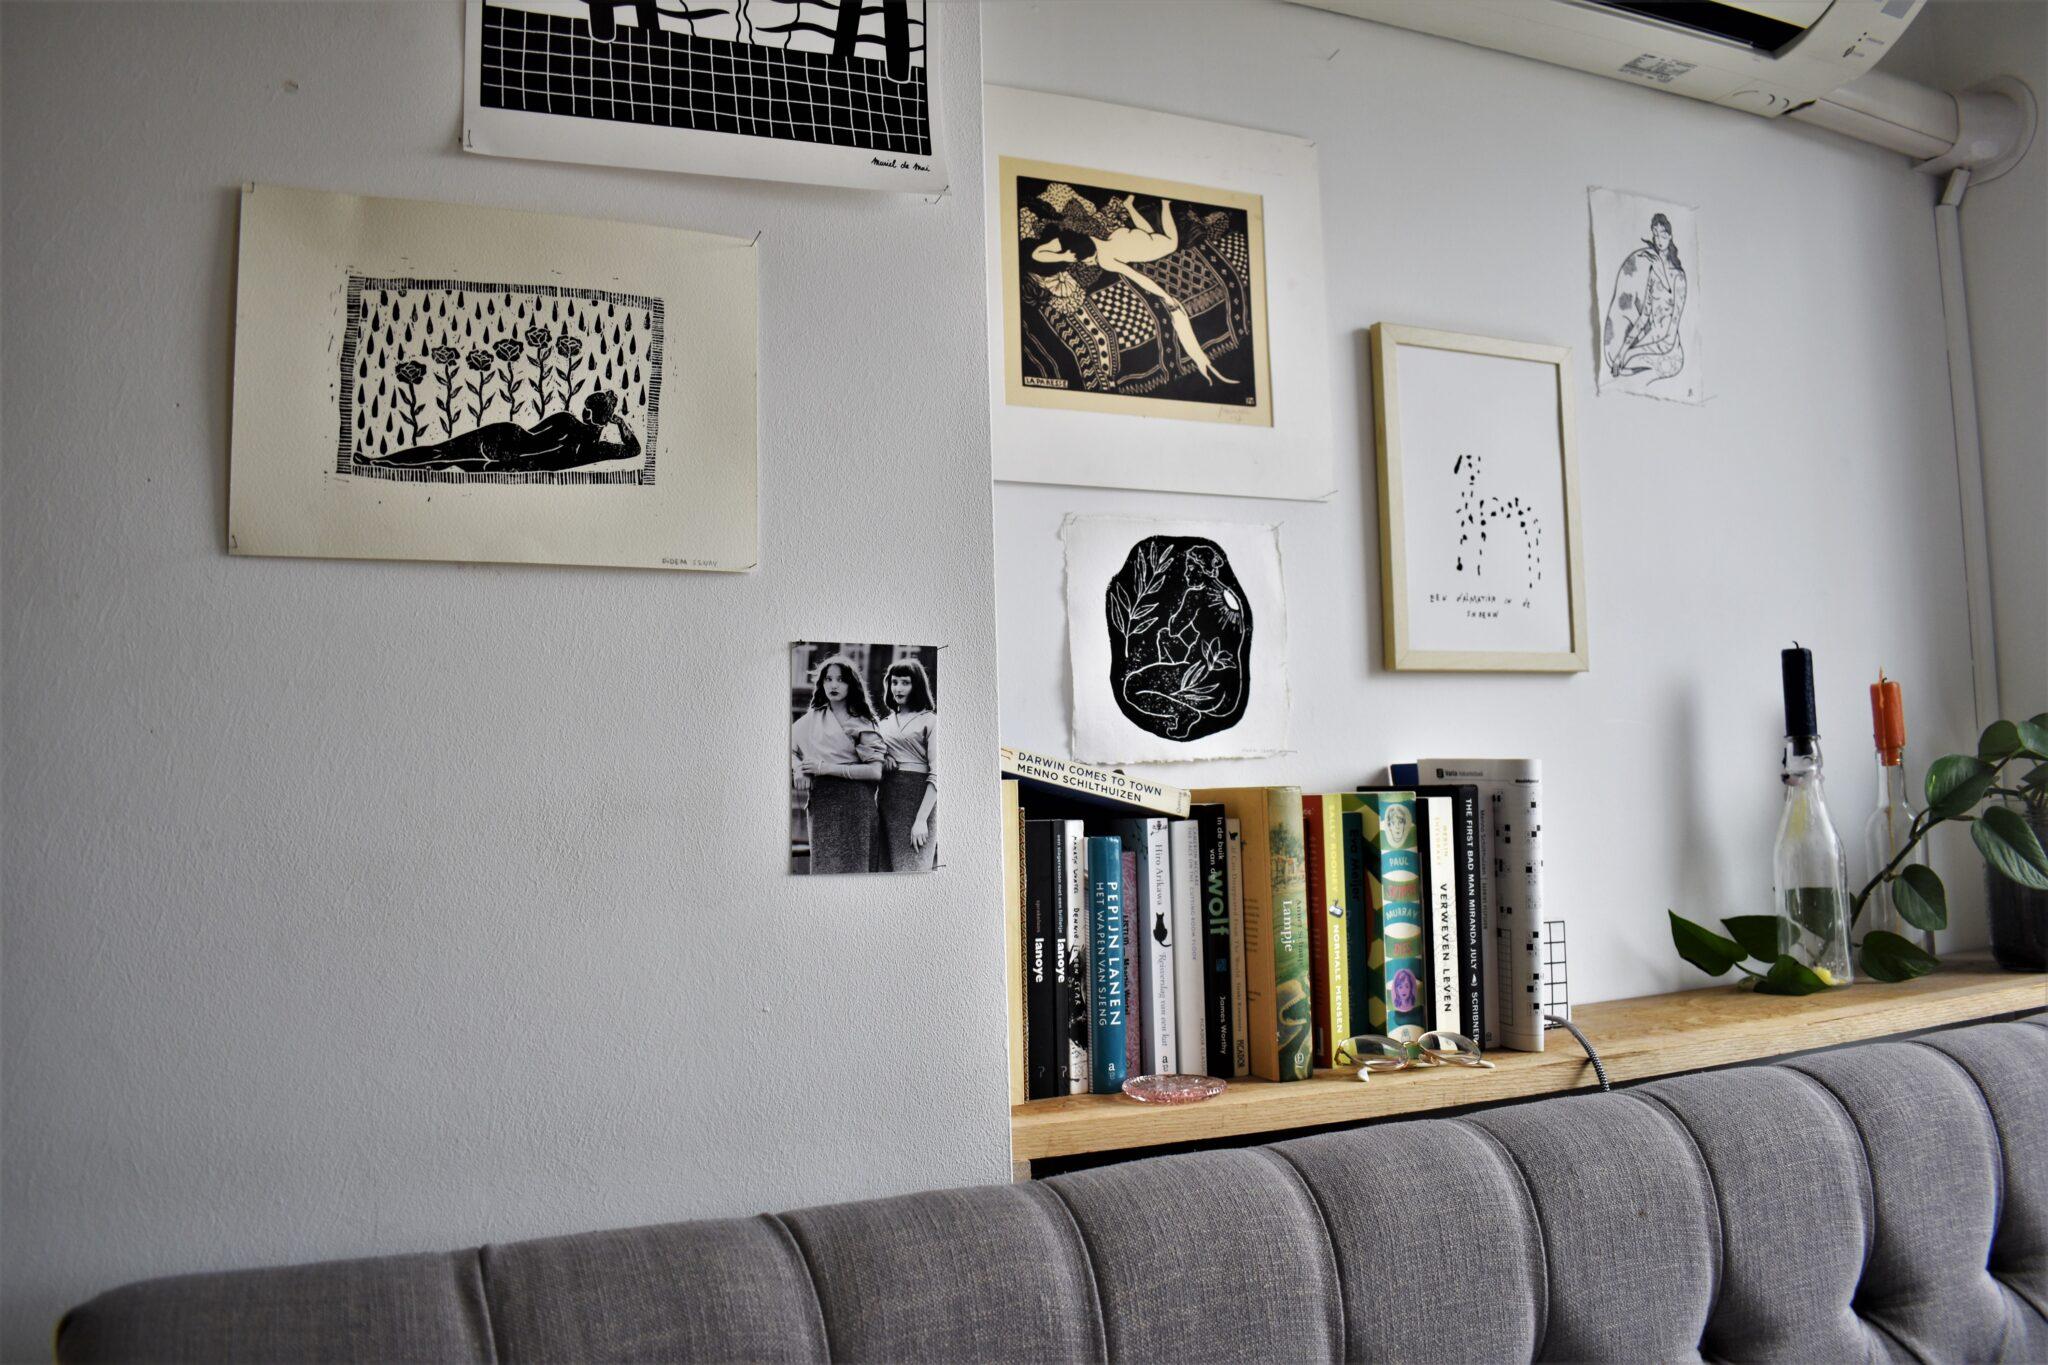 binnenkijken bij annabel en alex slaapkamer details